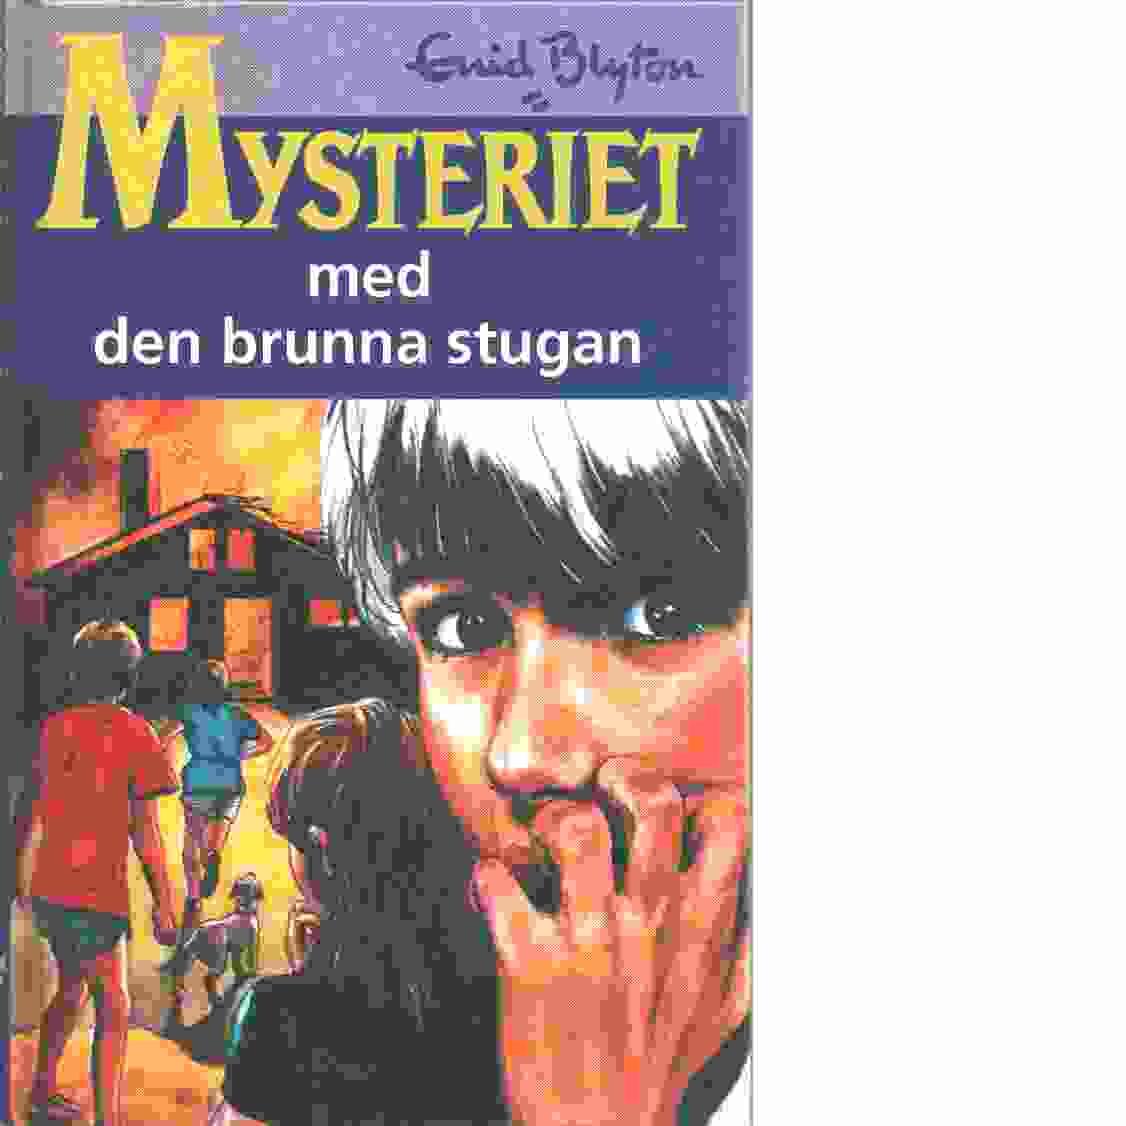 Mysteriet med den brunna stugan - Blyton, Enid